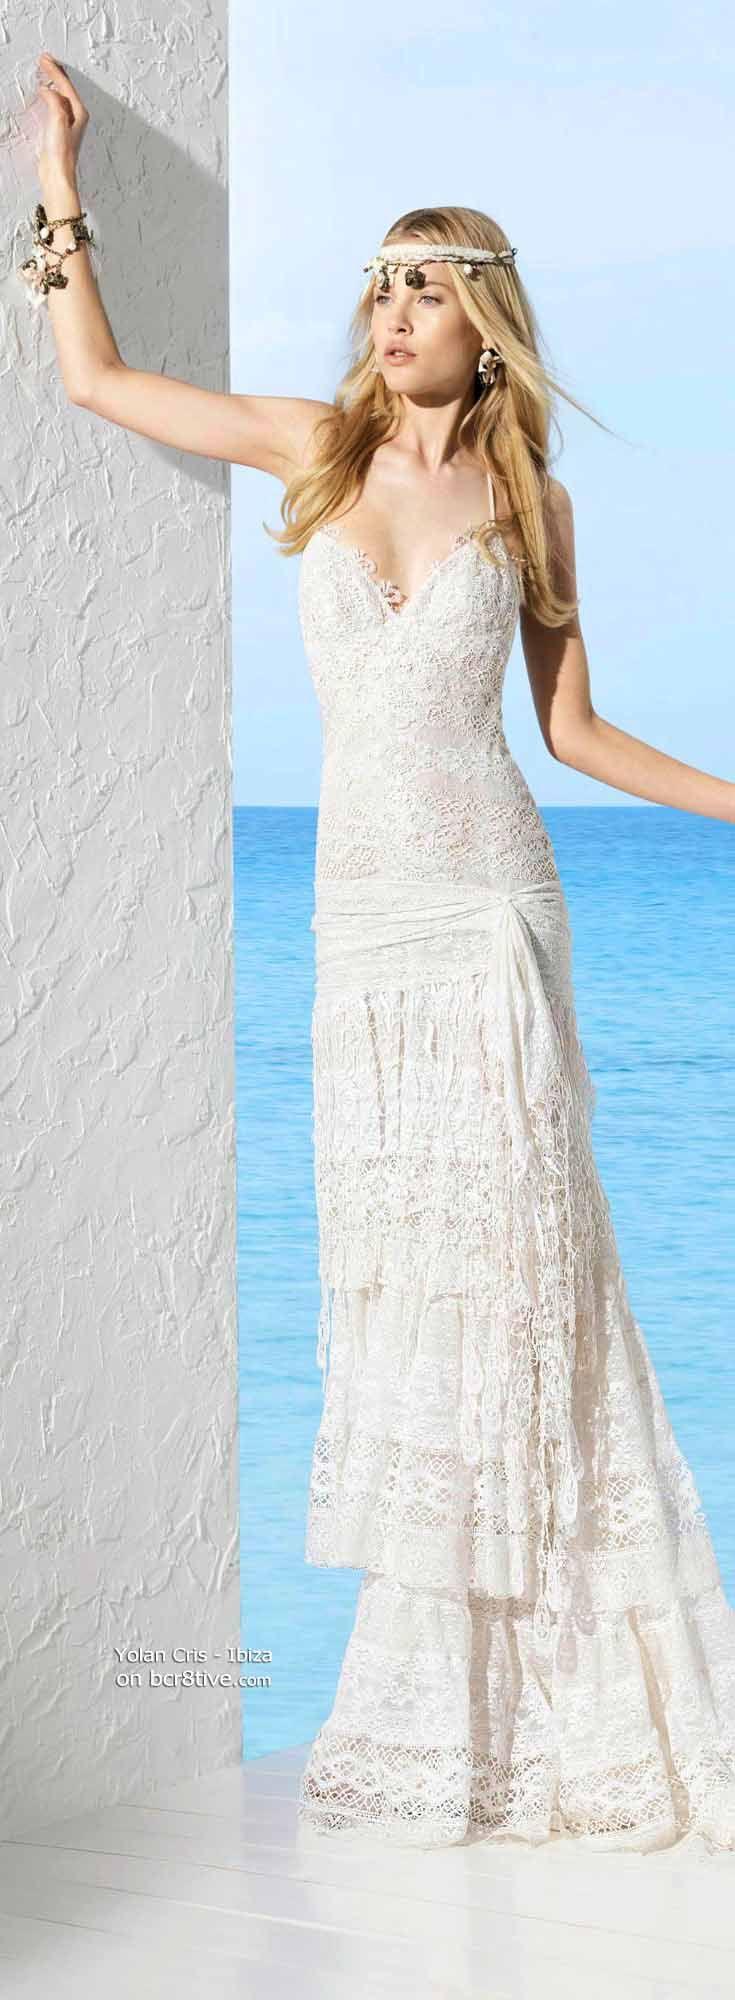 Yolan Cris 2013 Ibiza Boho Bridal Collection